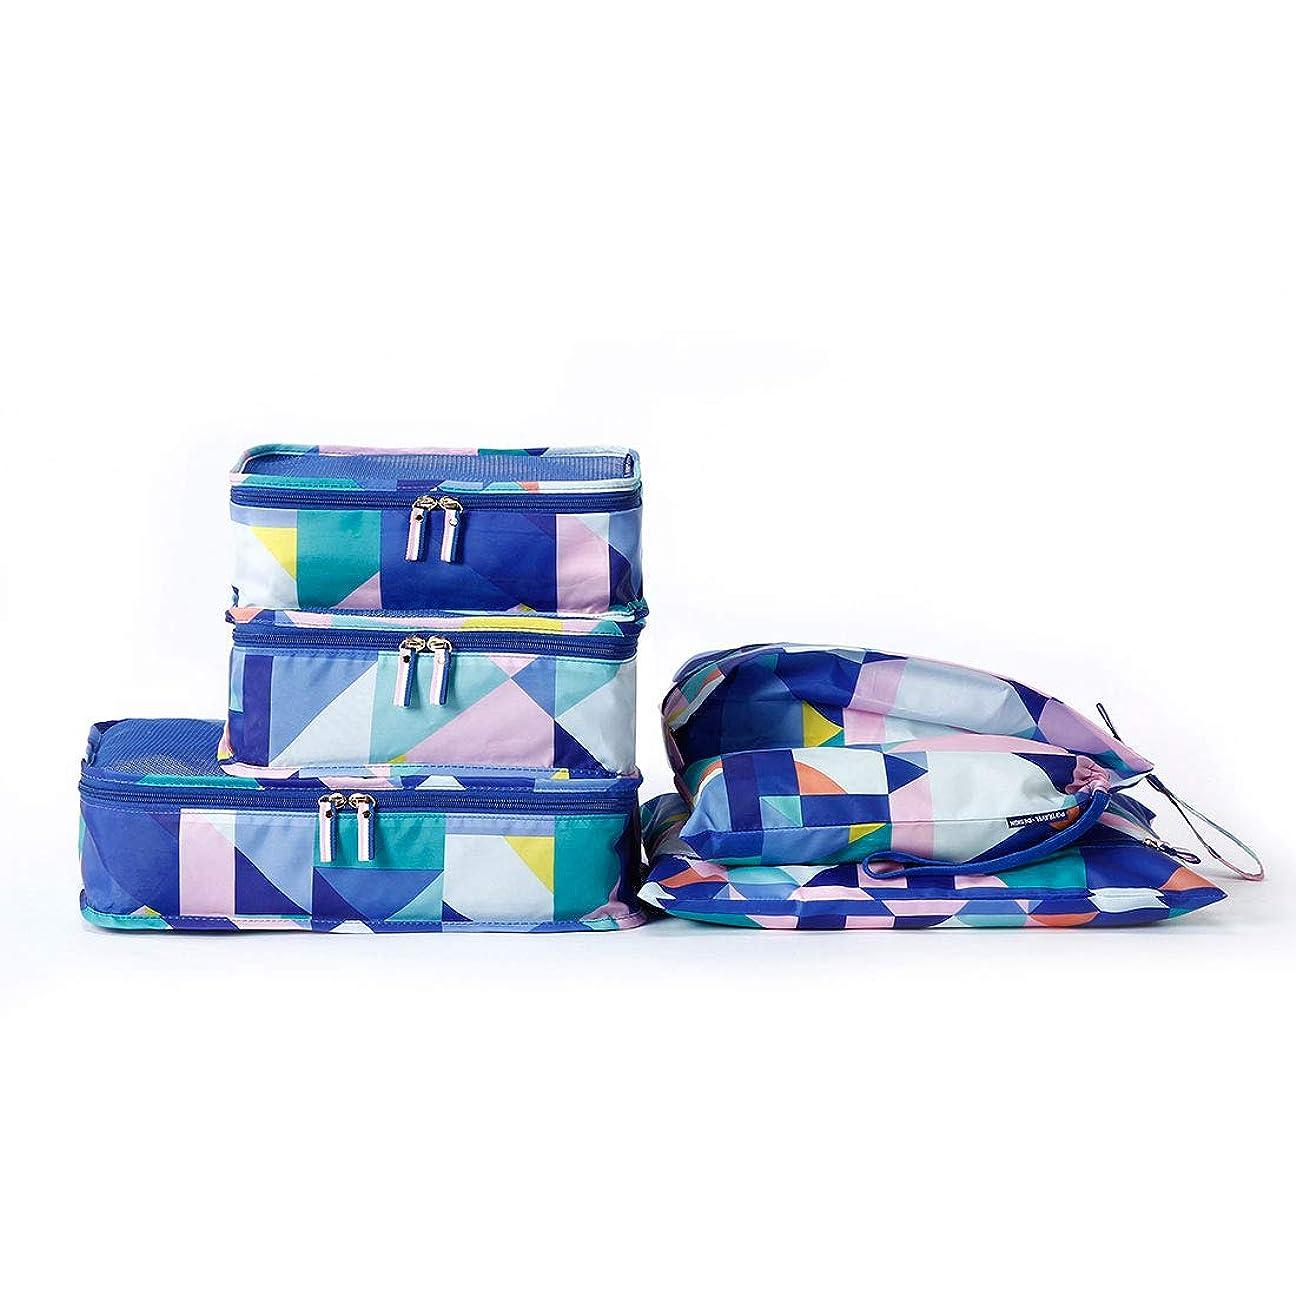 変形する事務所力学アレンジケース トラベルポーチ 6点セット 衣類 収納 スーツケース 旅行用便利グッズ 出張 衣類収納 靴バッグ PC周辺小物整理 洗面用具入れ ランジェリーケース